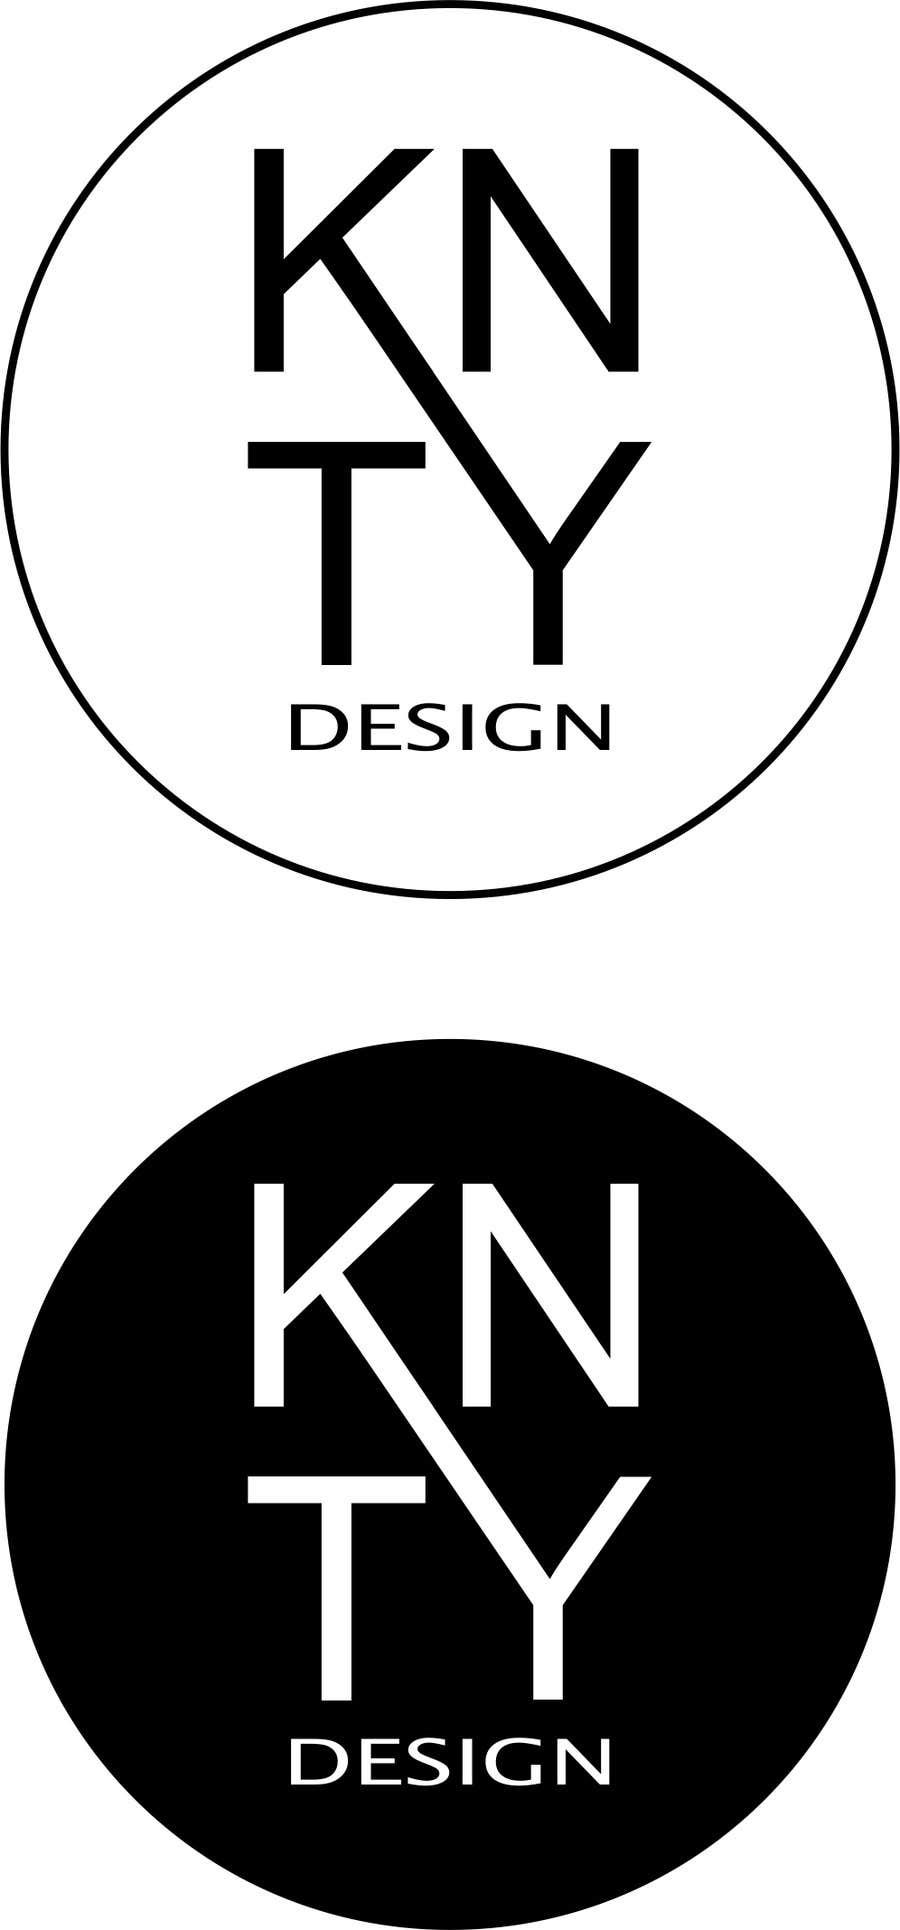 Penyertaan Peraduan #                                        14                                      untuk                                         Design a Logo for Retail - Accessories